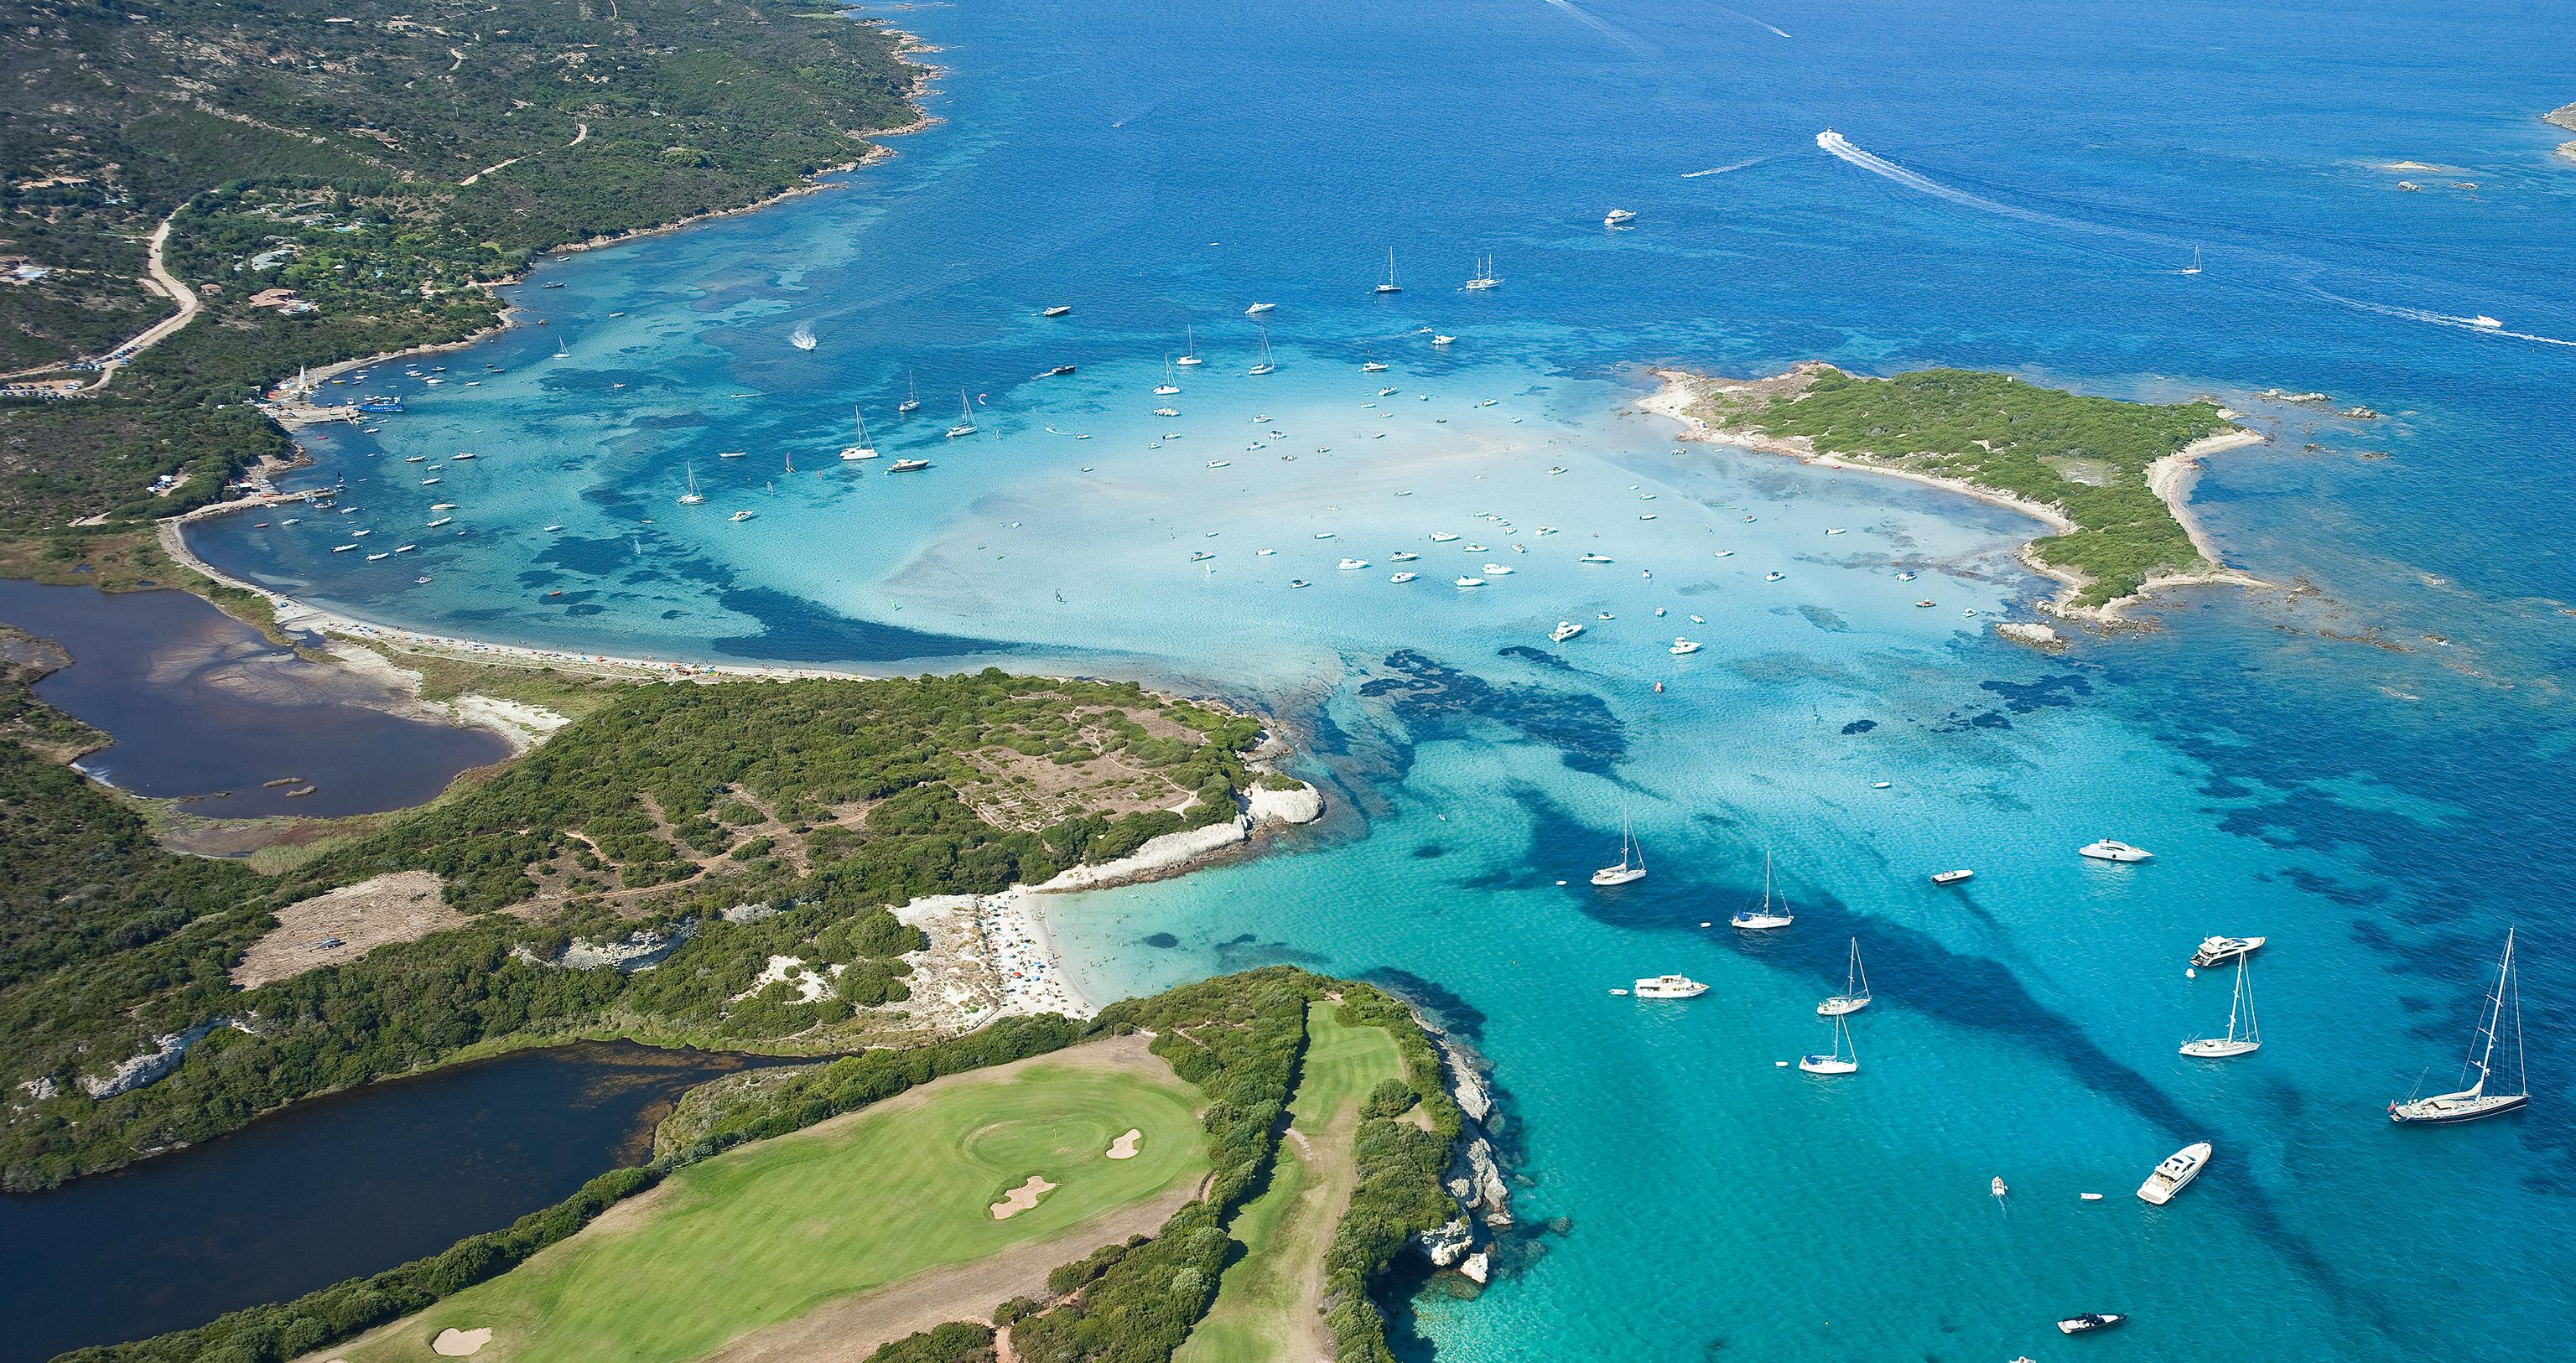 나폴레옹의 고향, 코르시카 섬-FltGraph 항공권 추천 65